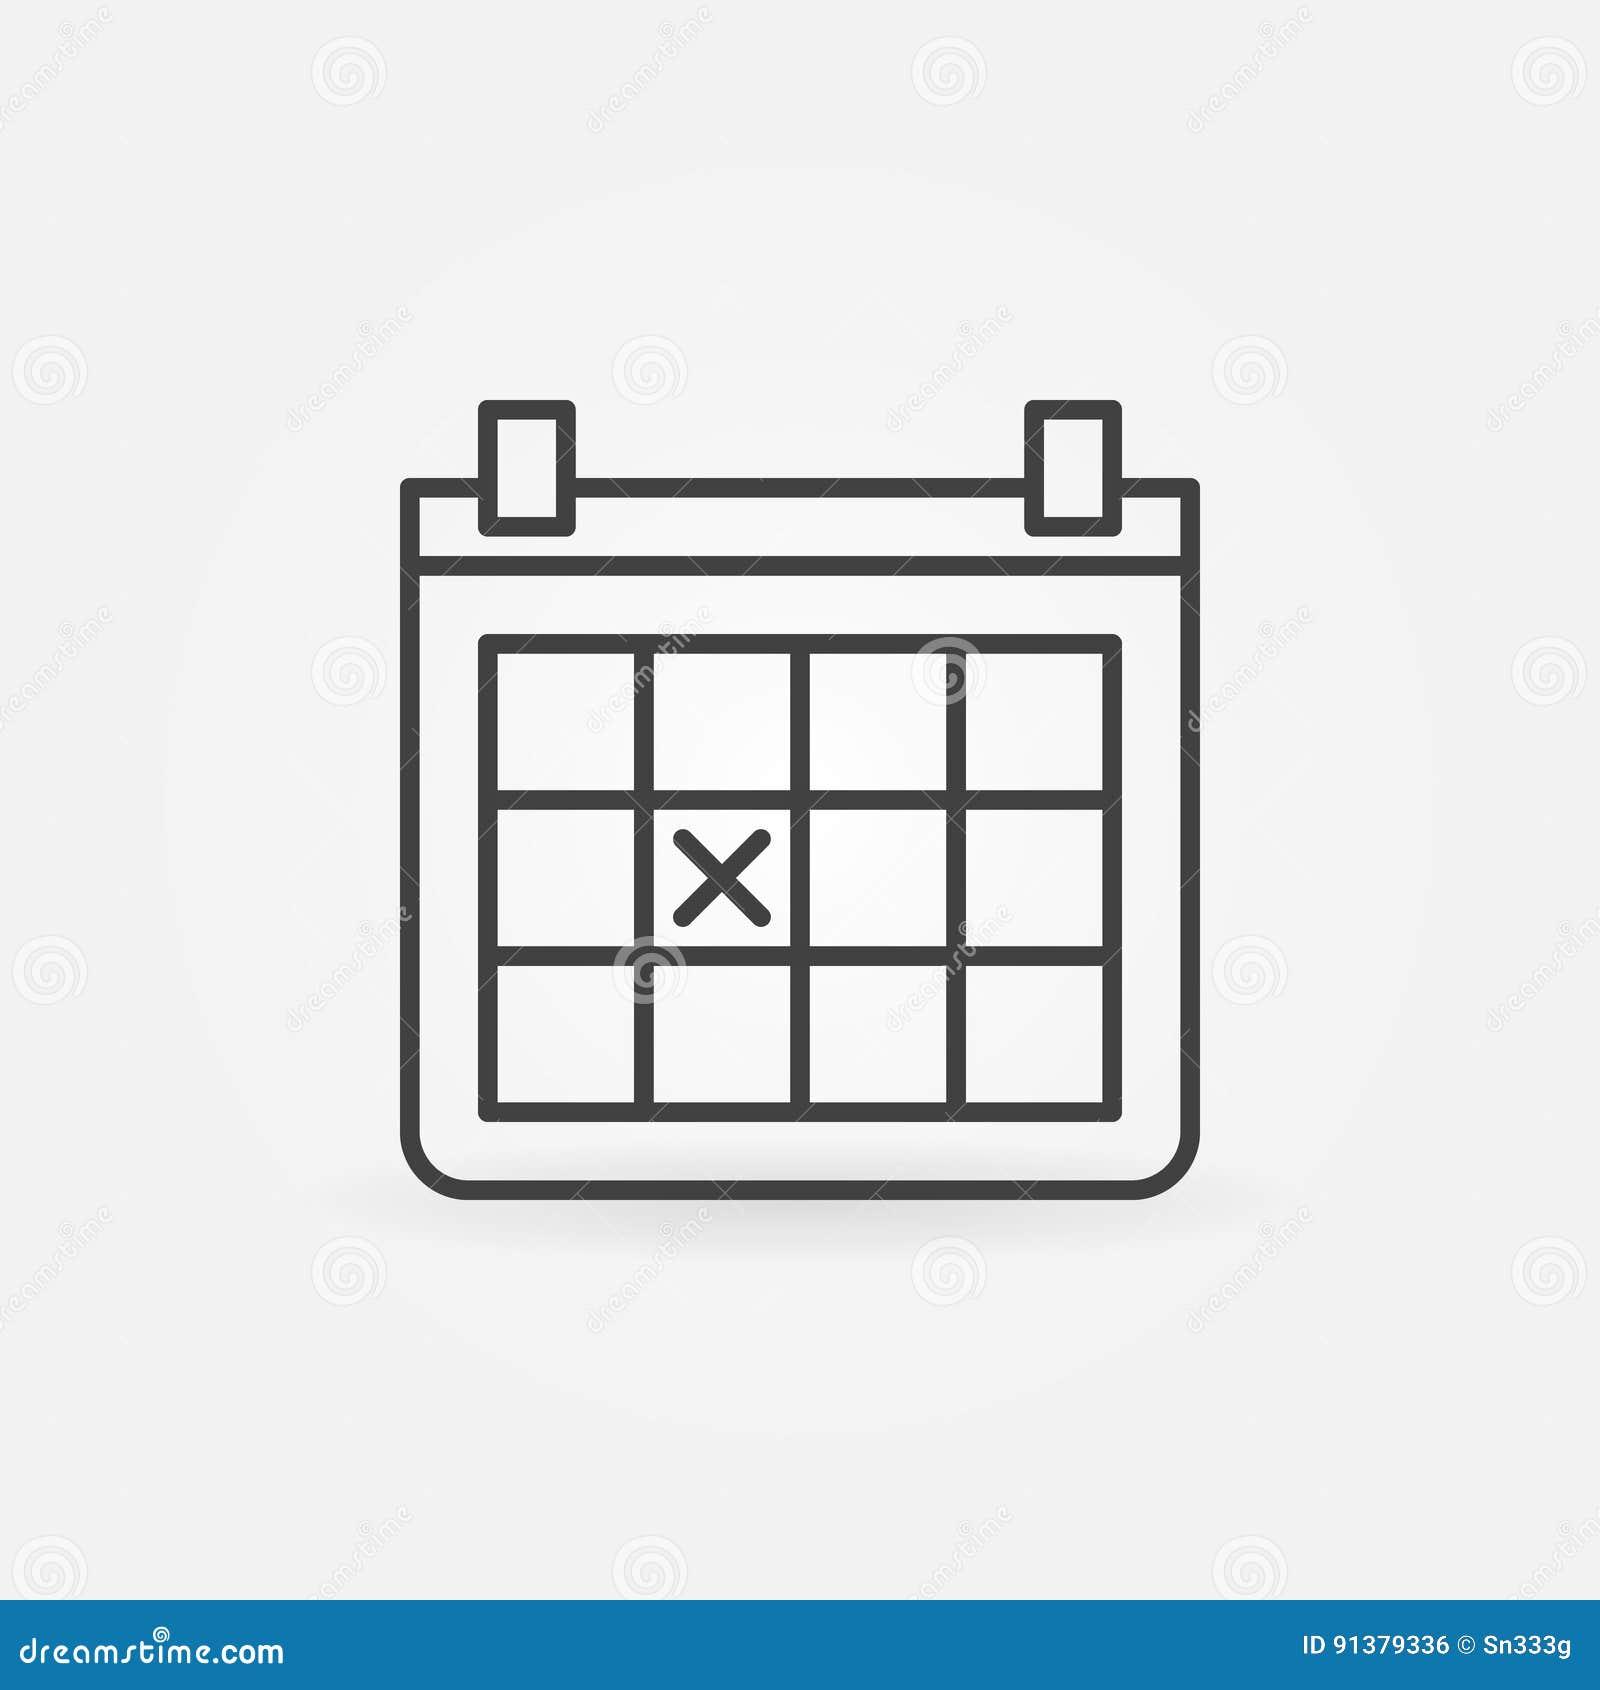 Calendar Outline Icon Stock Vector - Image: 91379336